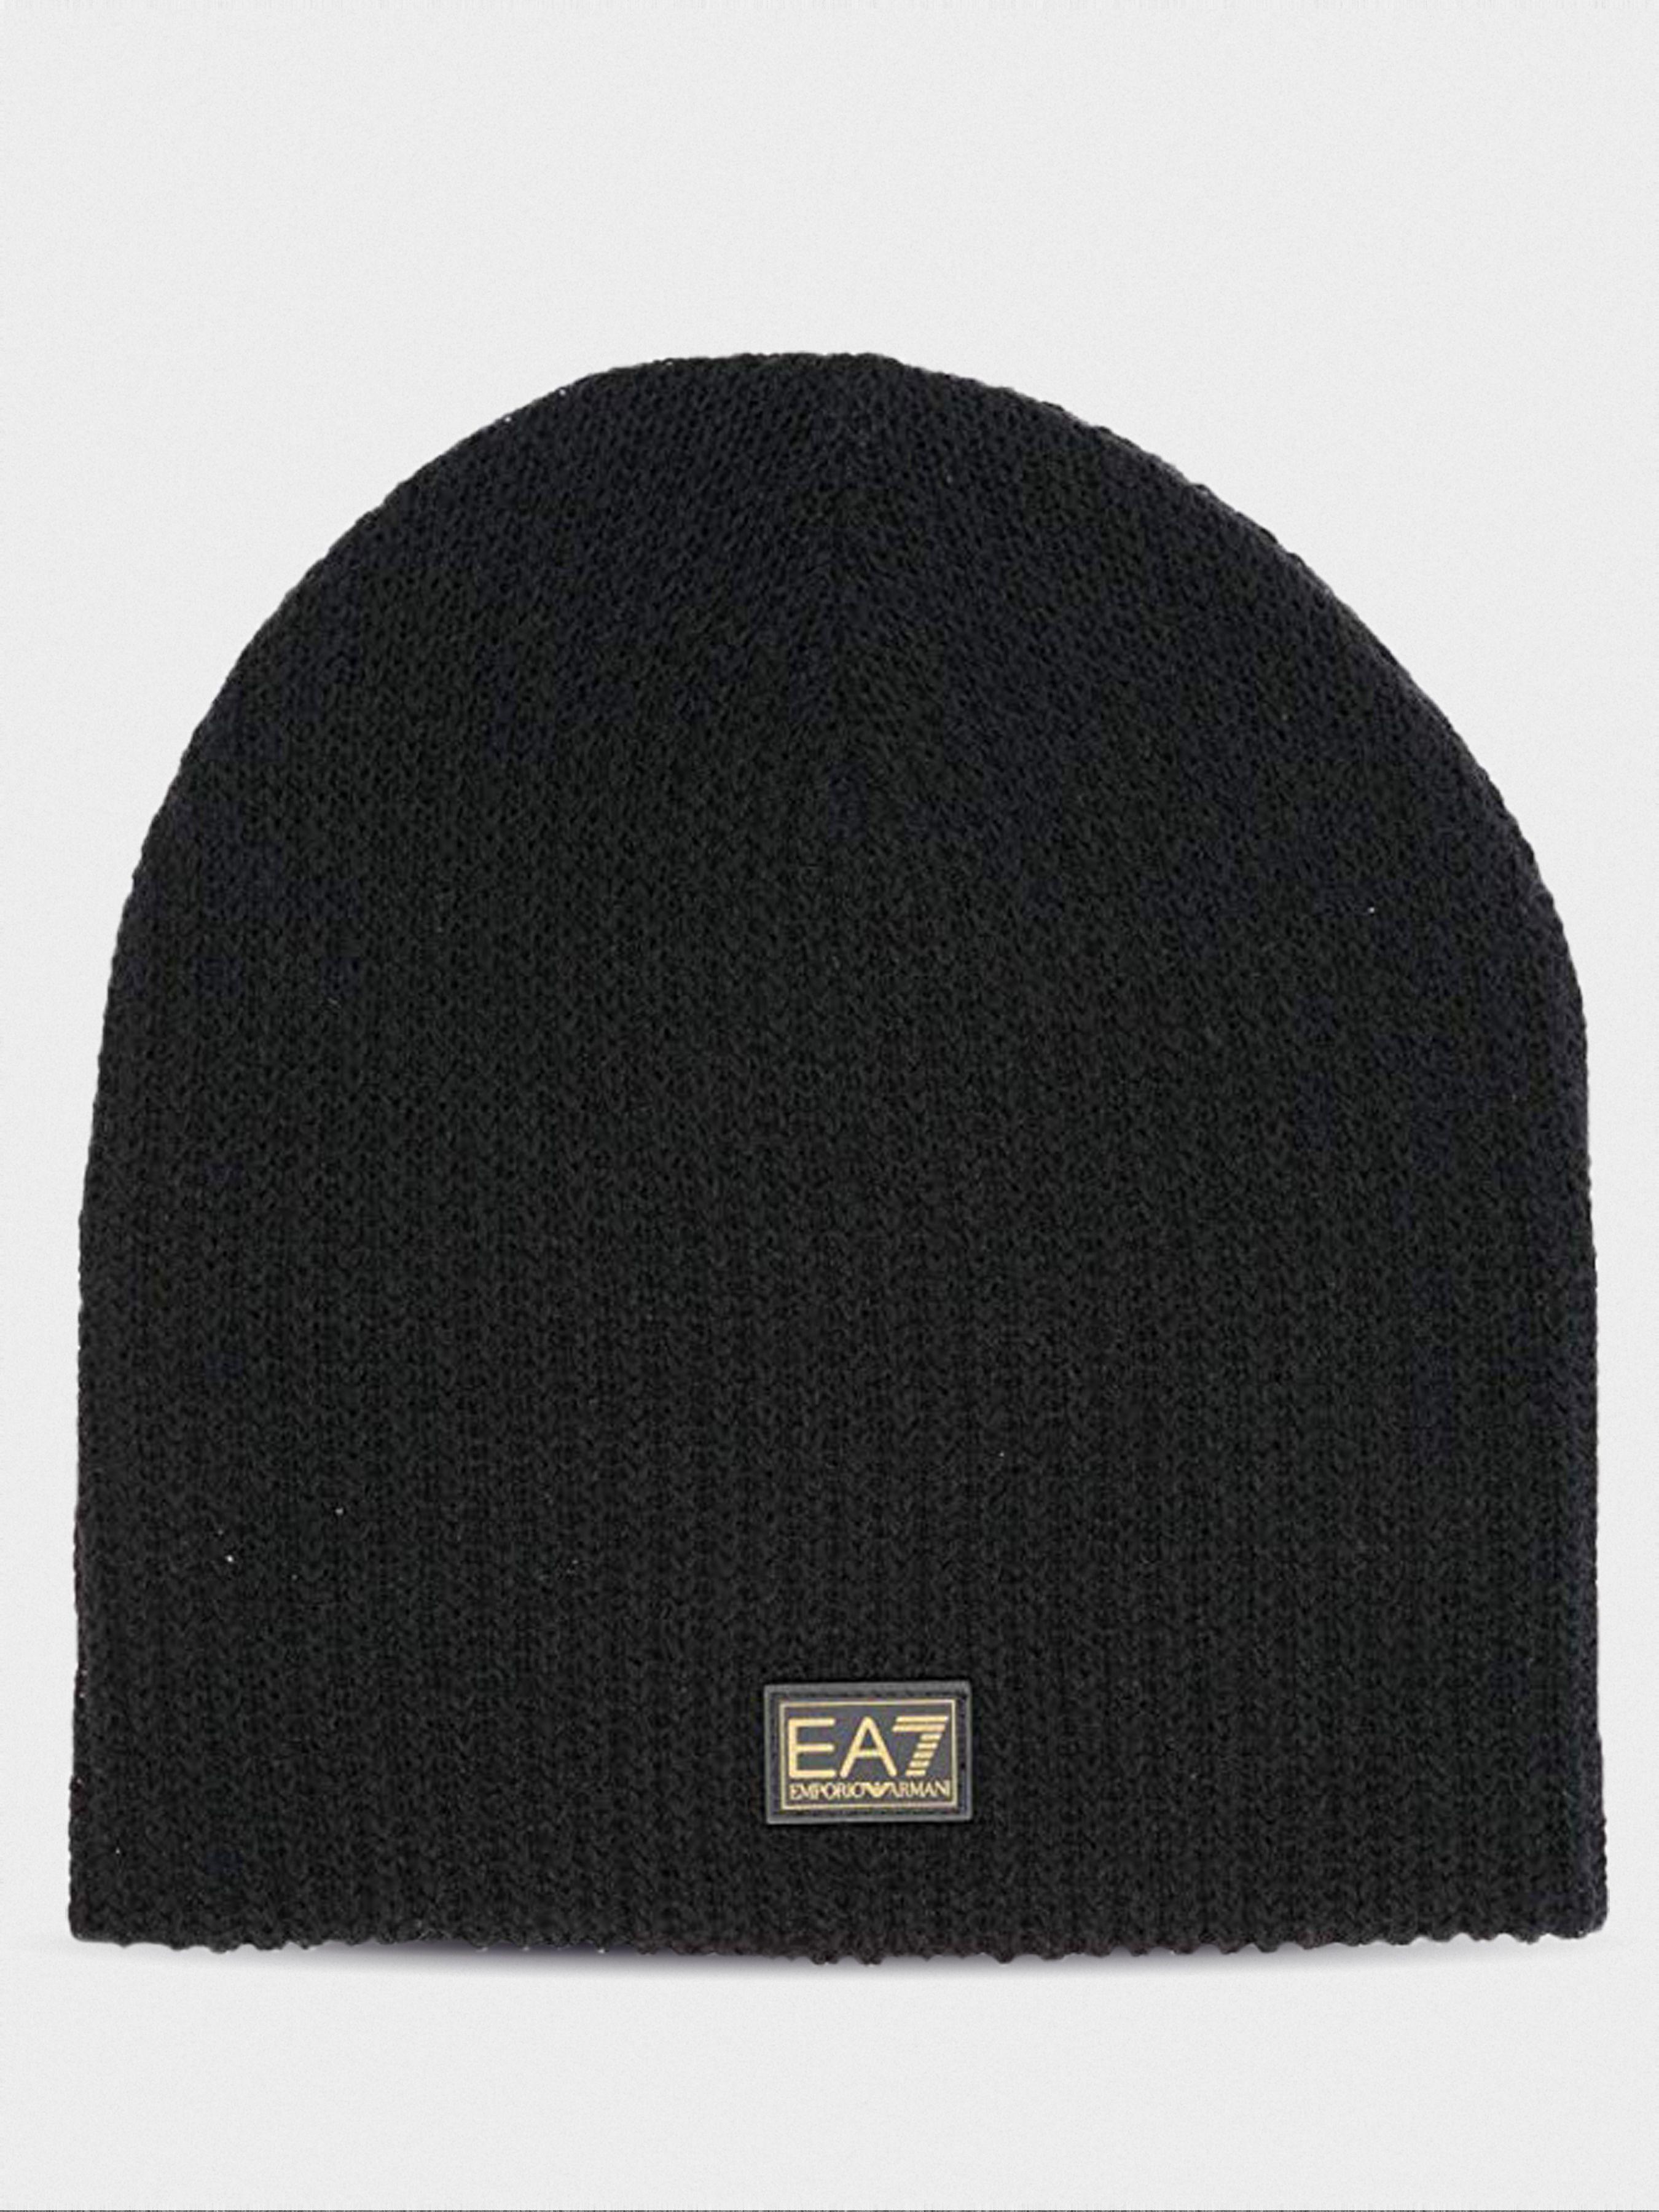 Купить Шапка мужские модель 7T50, EA7, Черный